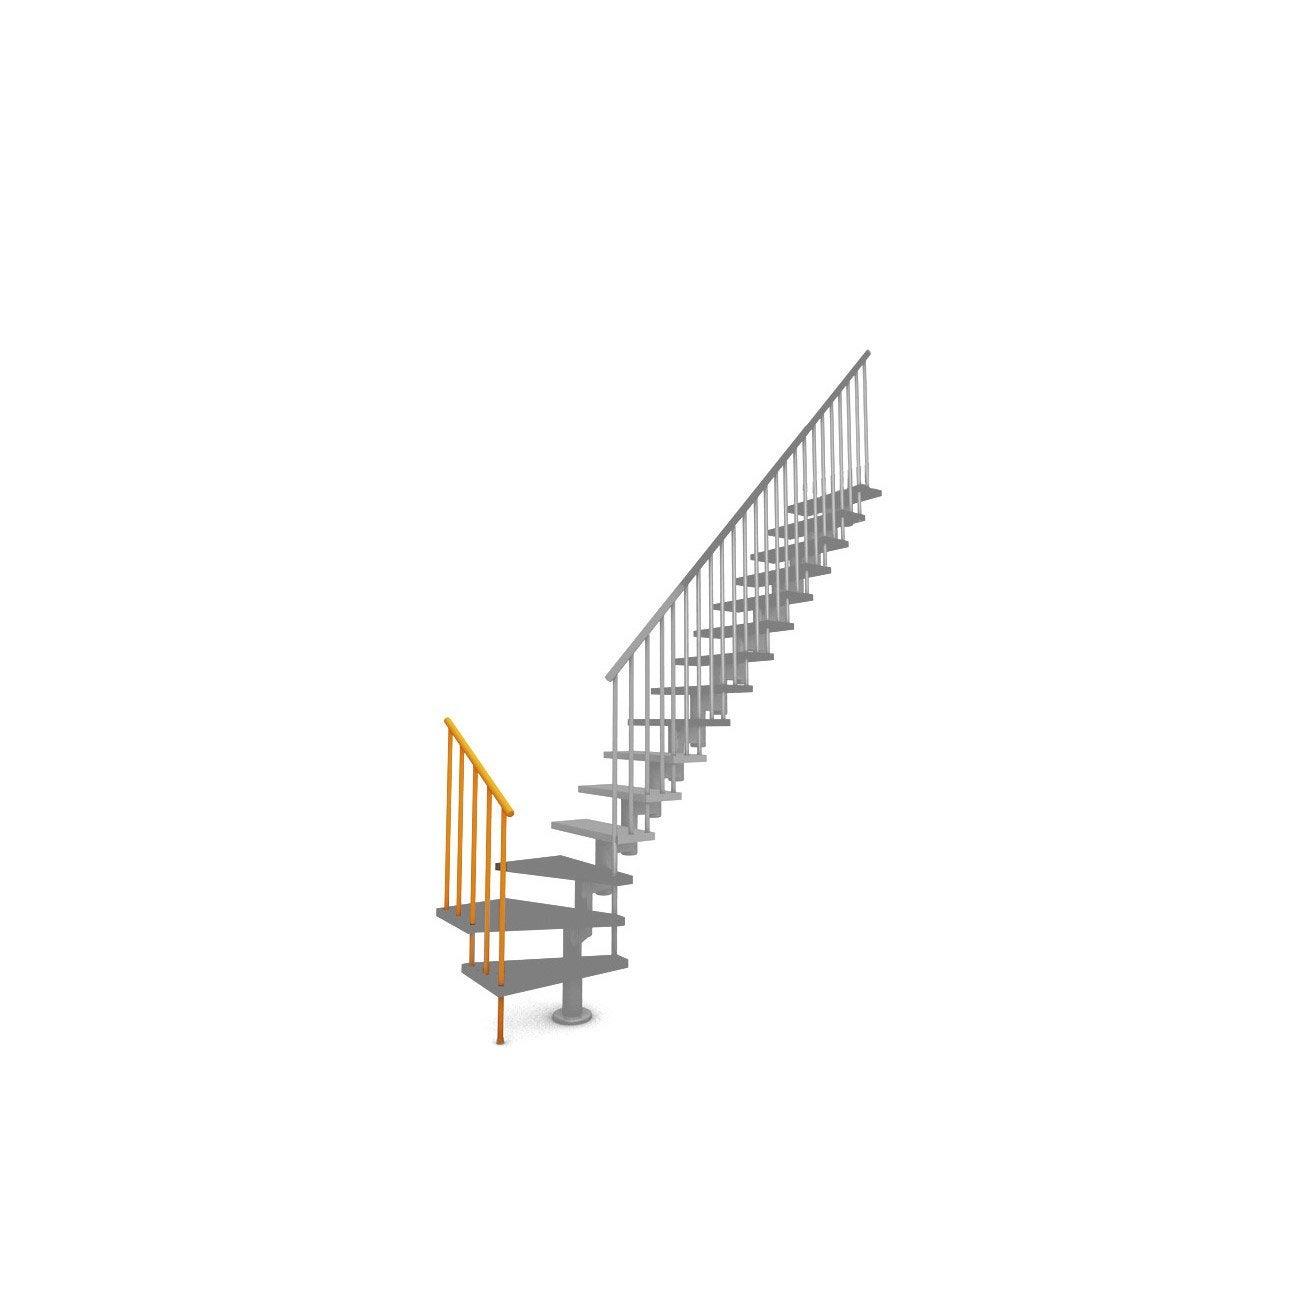 Garde Corp Bois Leroy Merlin : Garde-corps pour escalier Mini Line blanc en bois clair PIXIMA Leroy